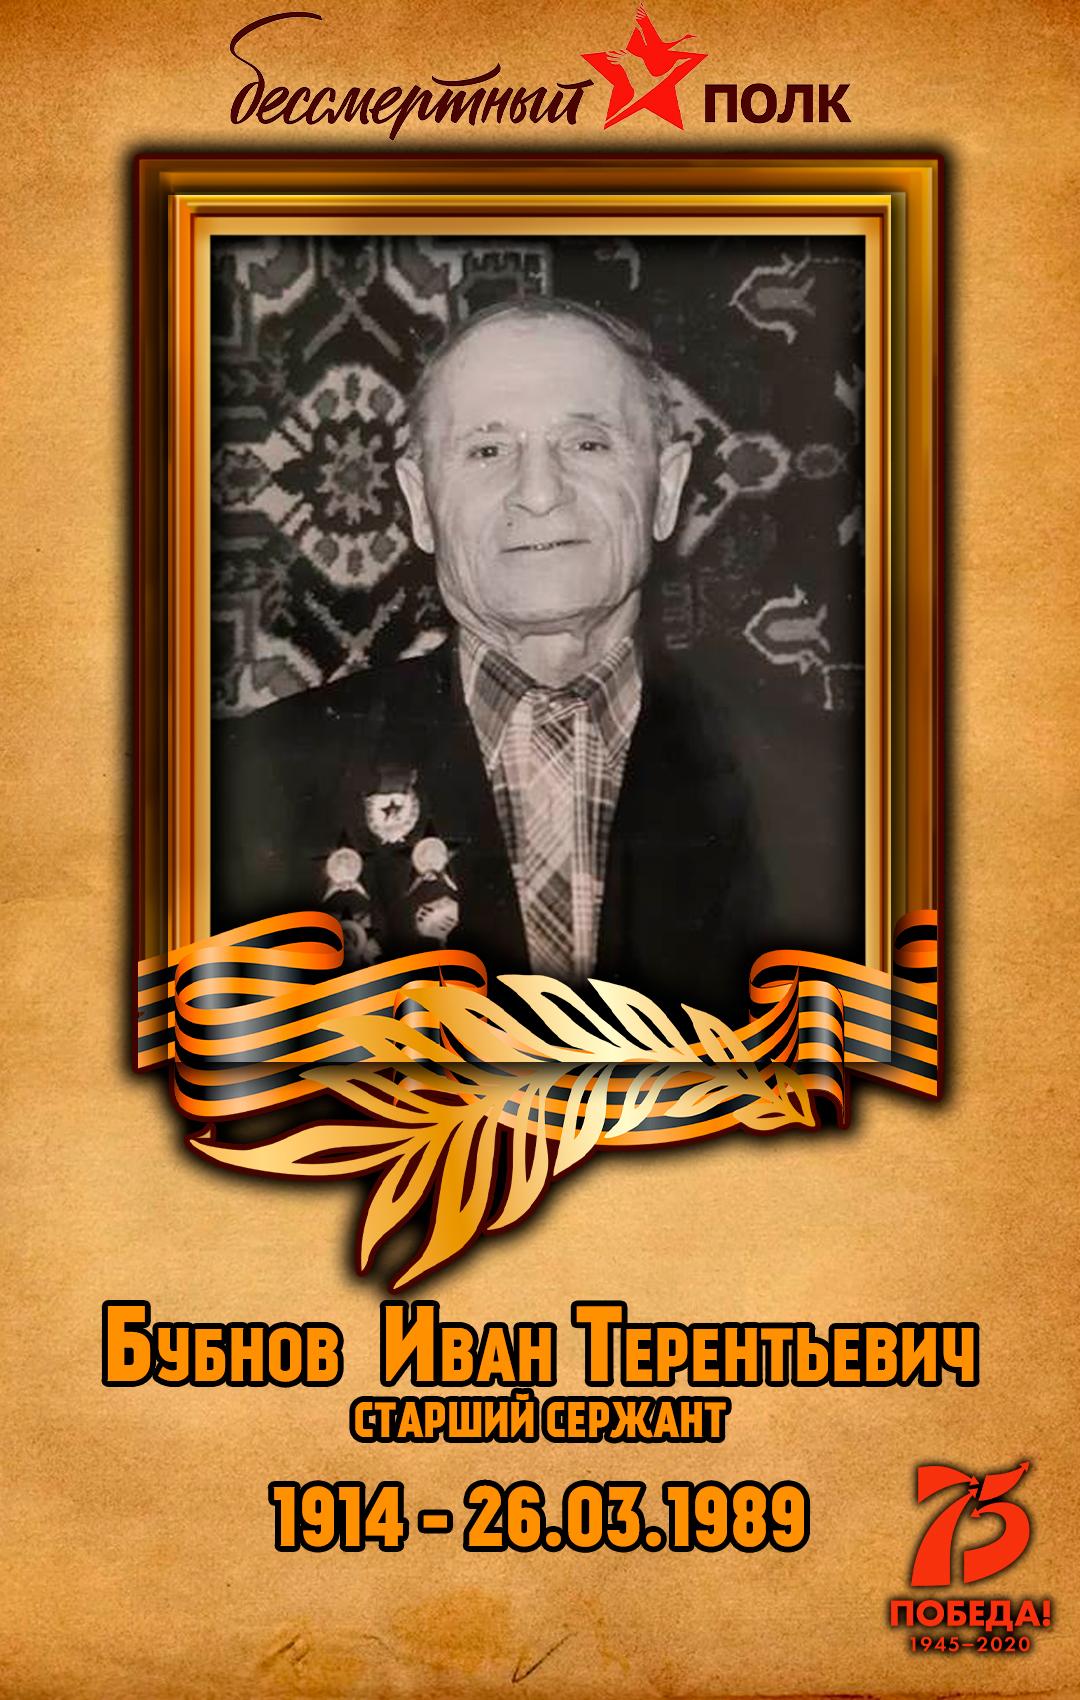 Бубнов--Иван-Терентьевич